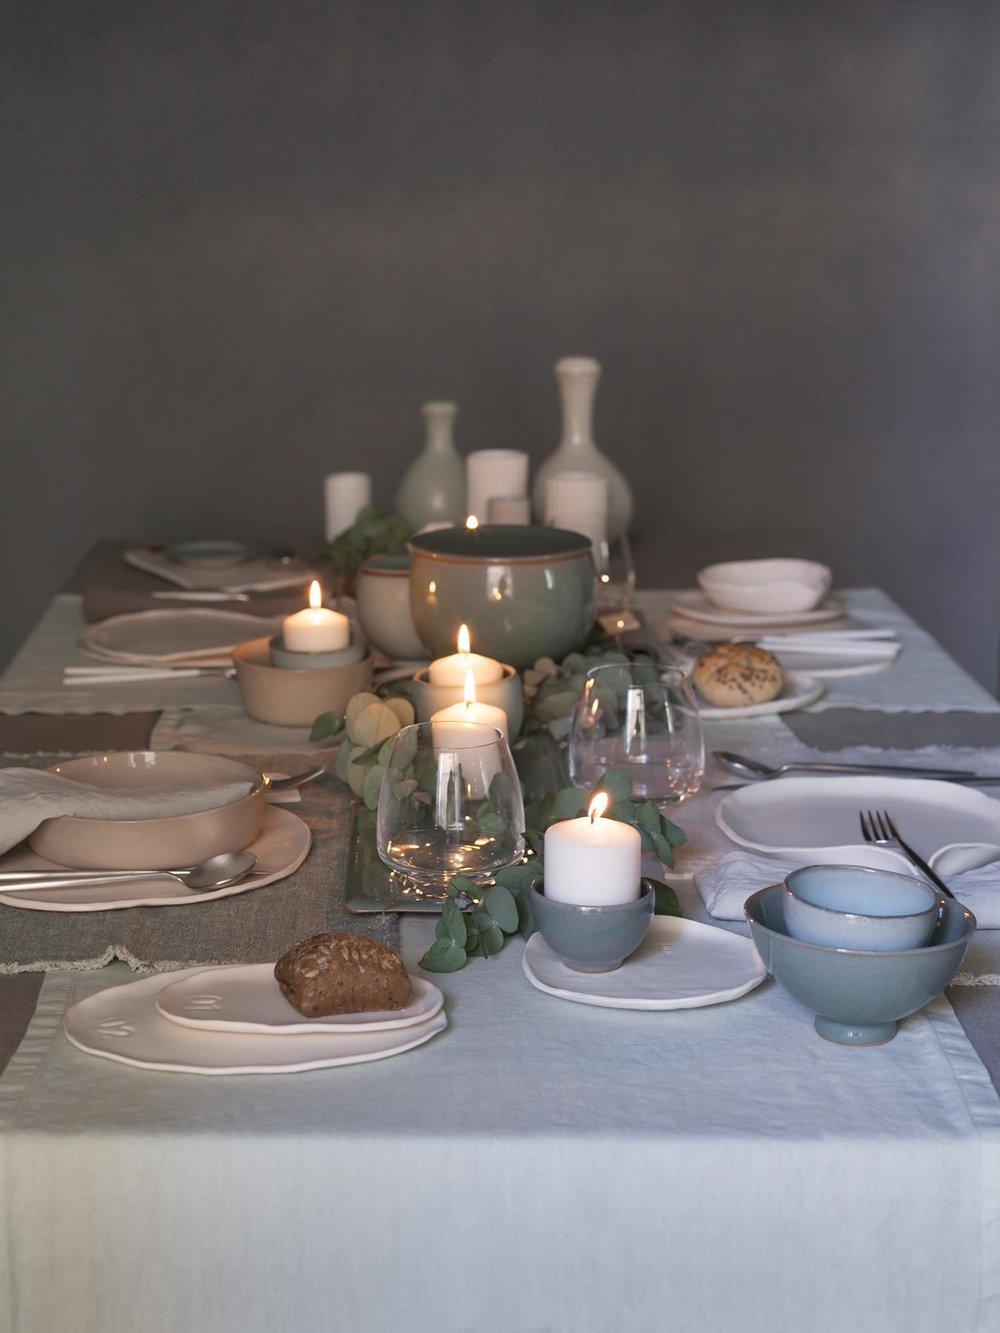 Tessuti morbidi dai colori tenui, bellissime ceramiche realizzate a mano, posti tavola tutti diversi e qualche ramo di eucalipto: un'eleganza naturale per una tavola in cui ogni oggetto racconta la sua storia.